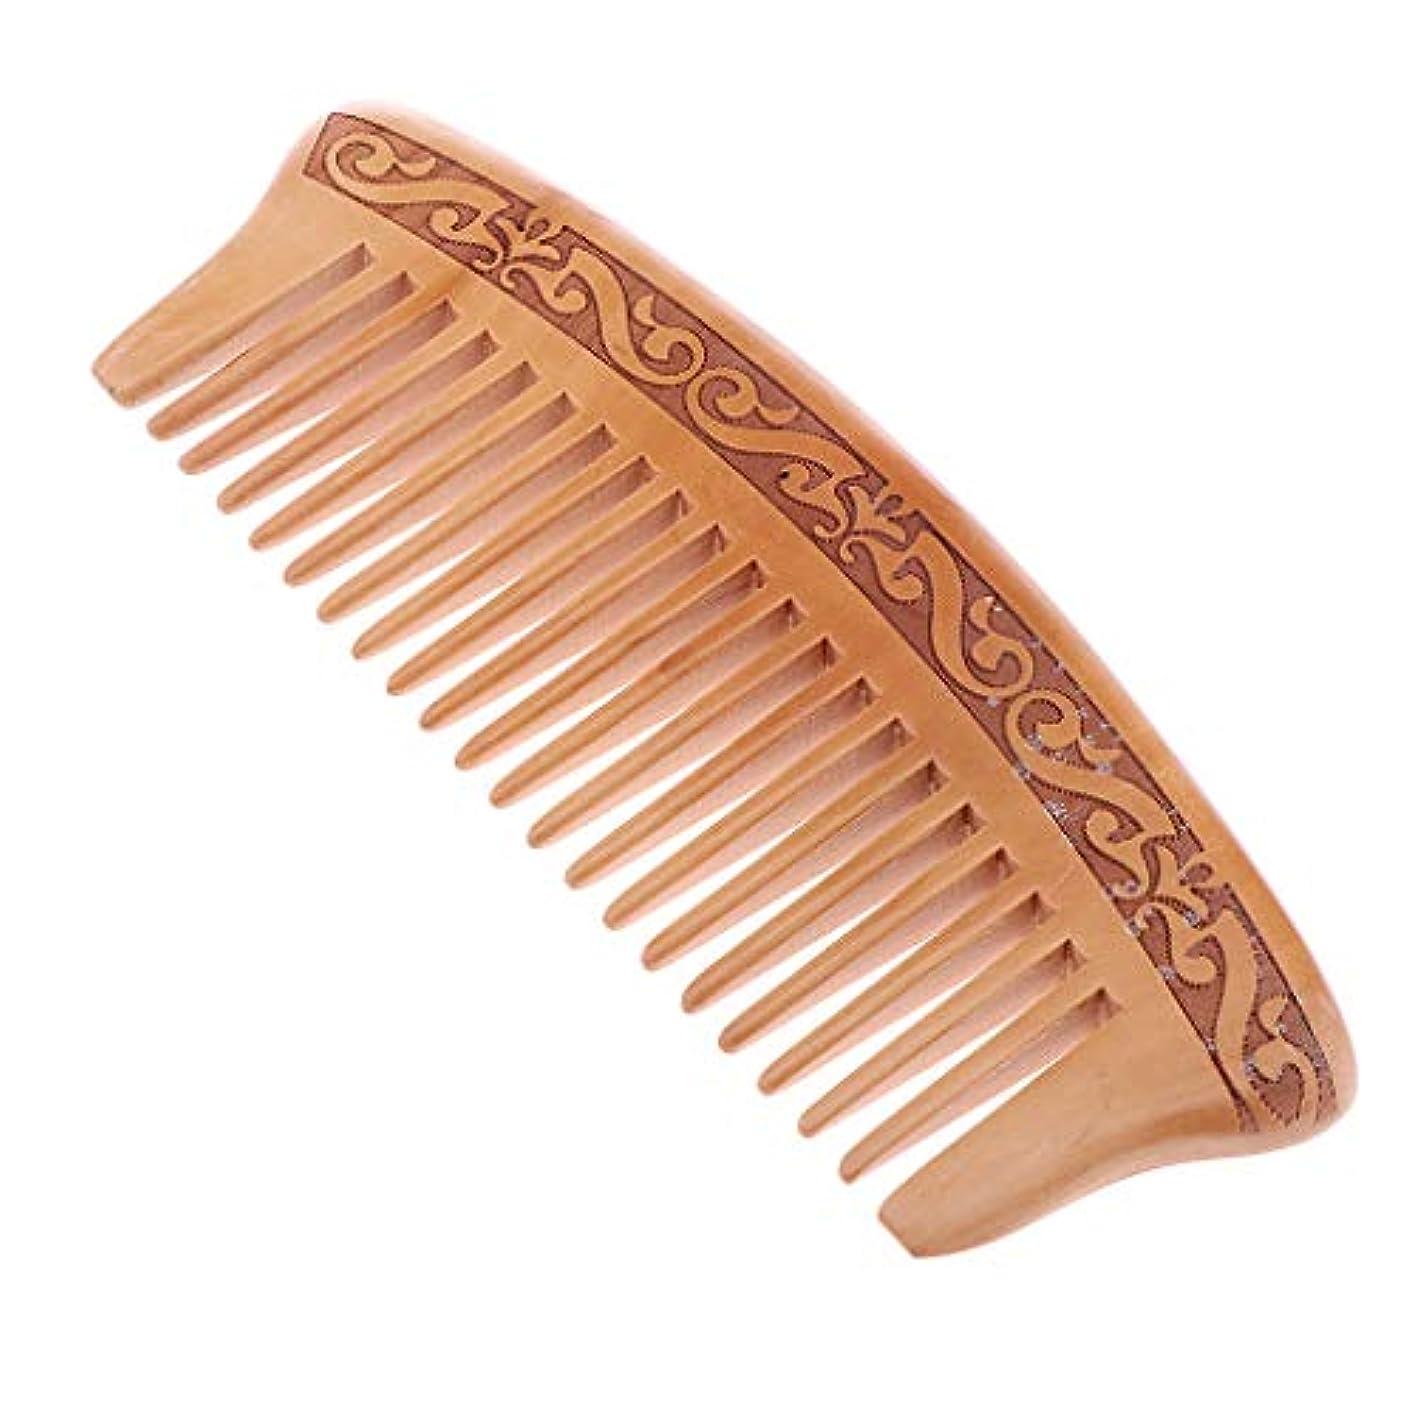 マネージャー合併刻む木製櫛 コーム ヘアブラシ 静電気防止 頭皮マッサージ 快適 5タイプ選べ - J16e